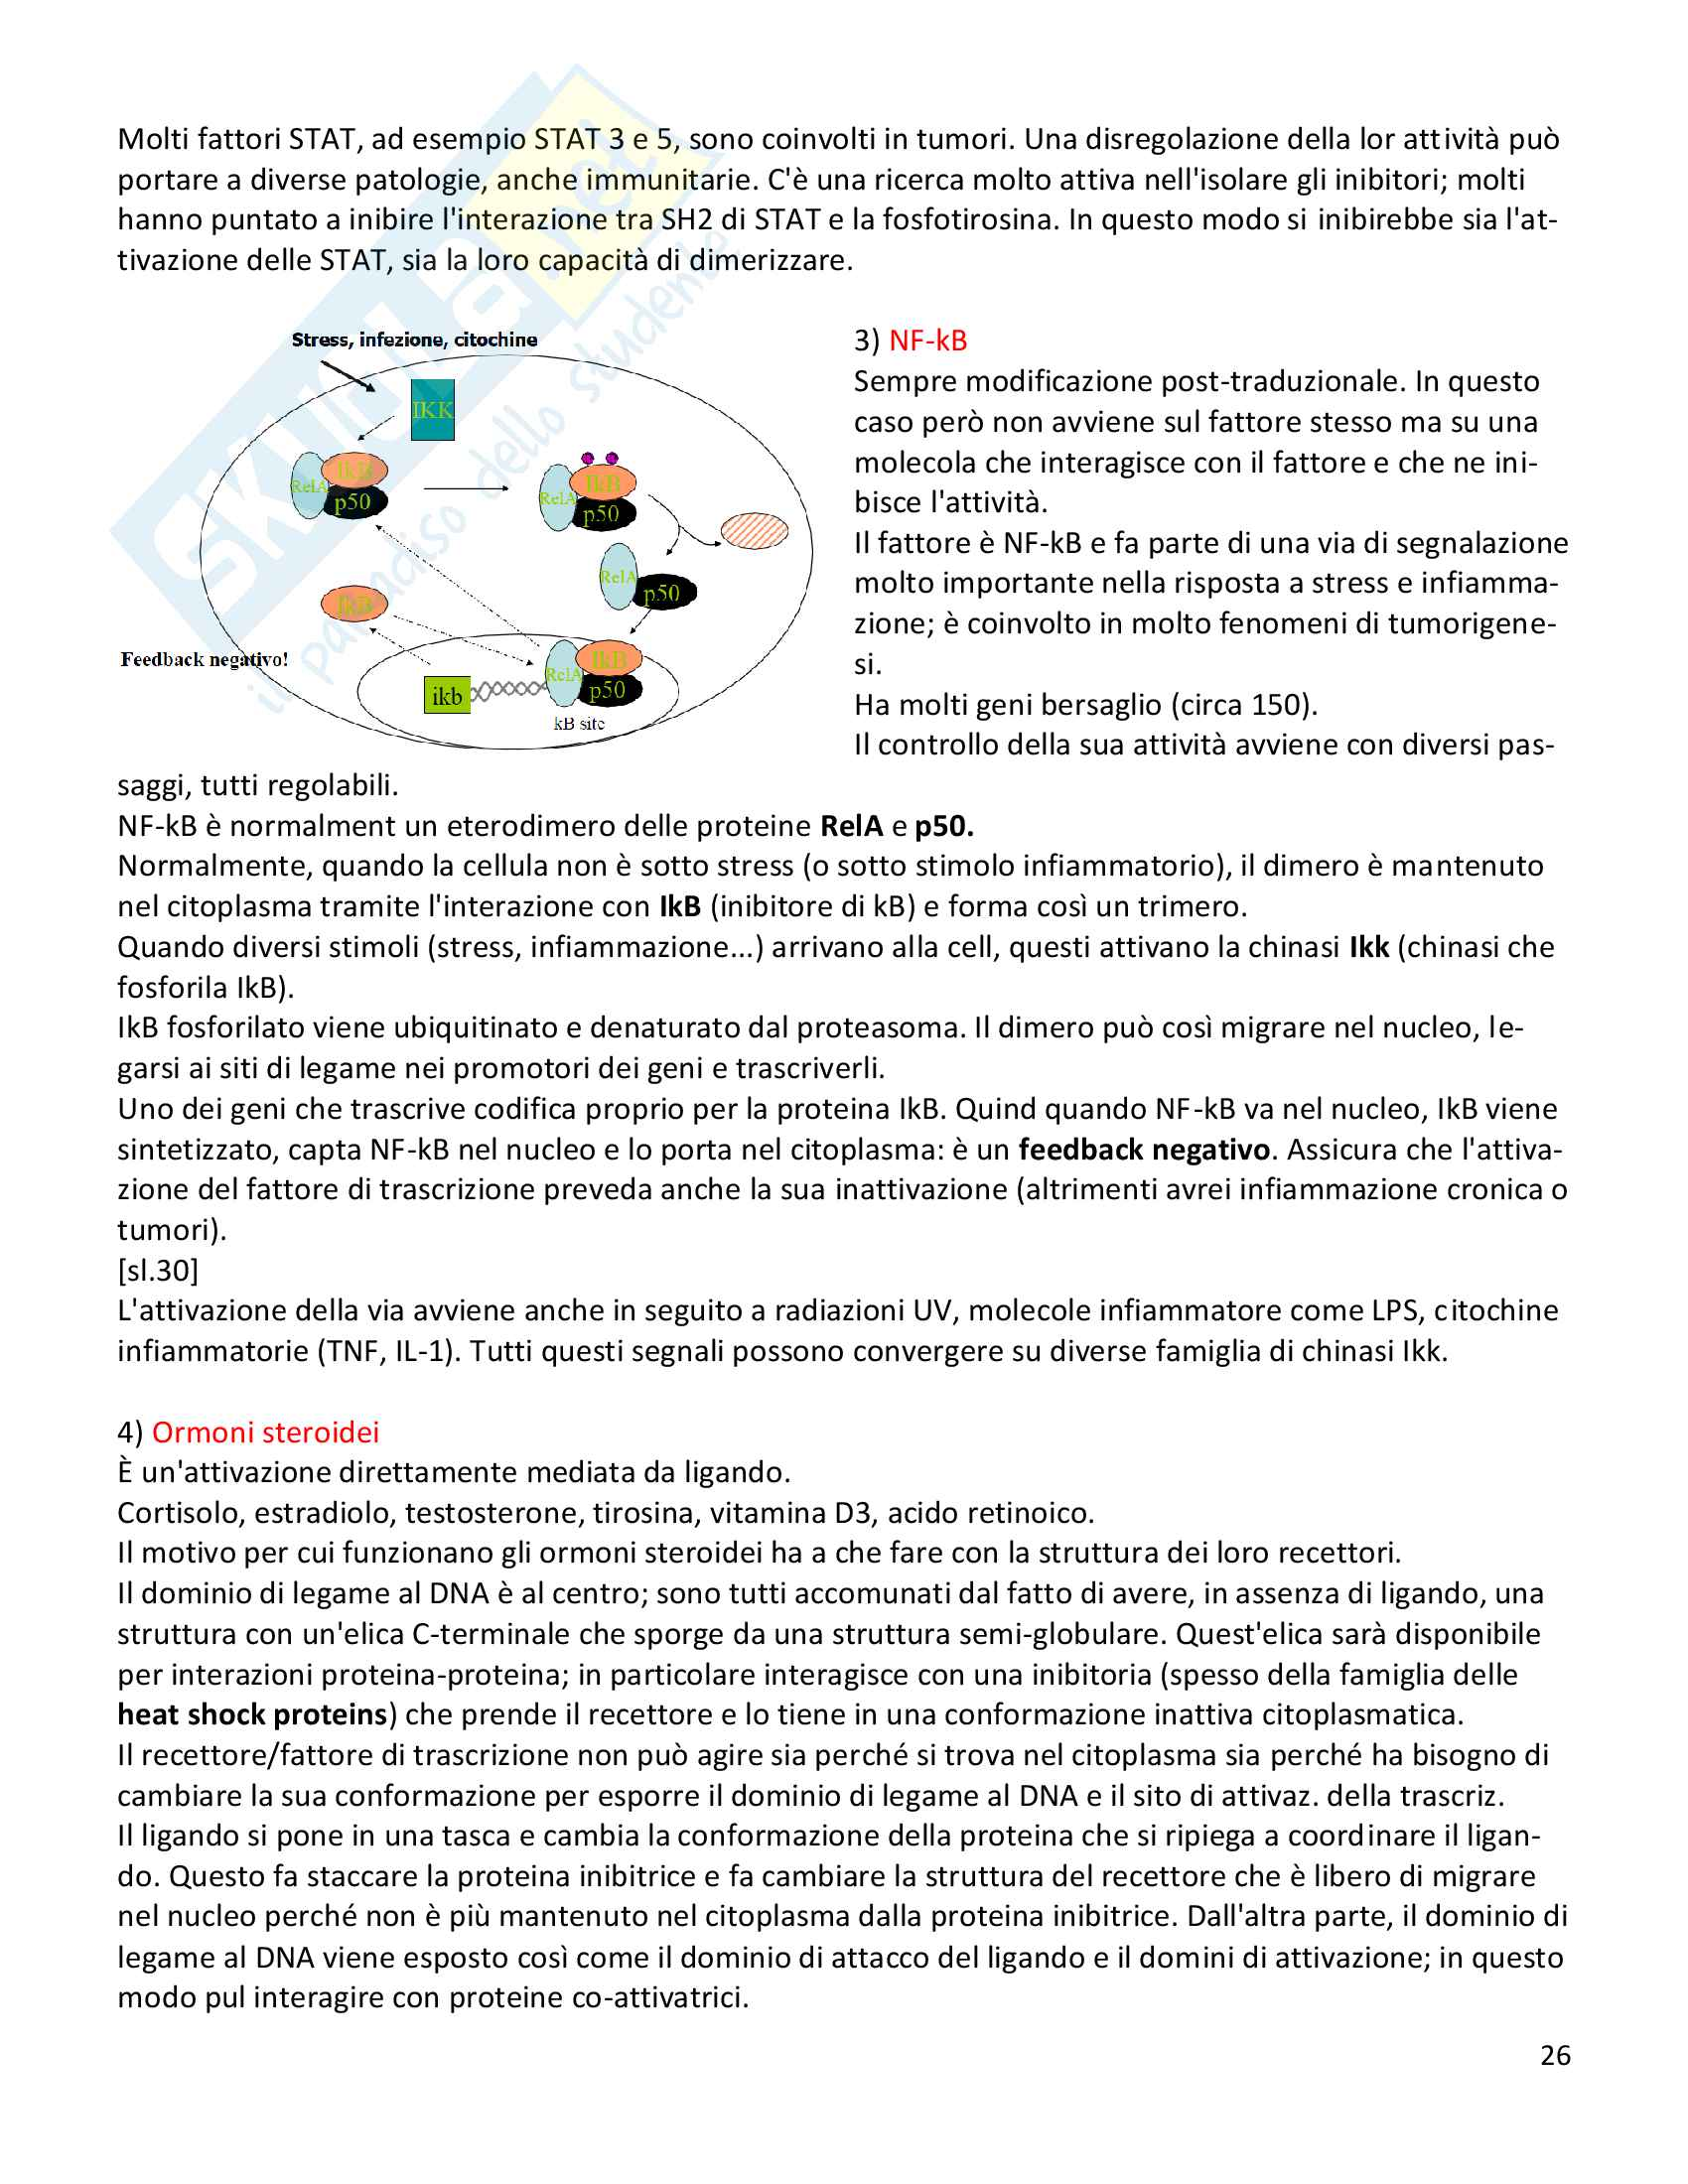 Biologia molecolare prof.ssa Poli Pag. 26